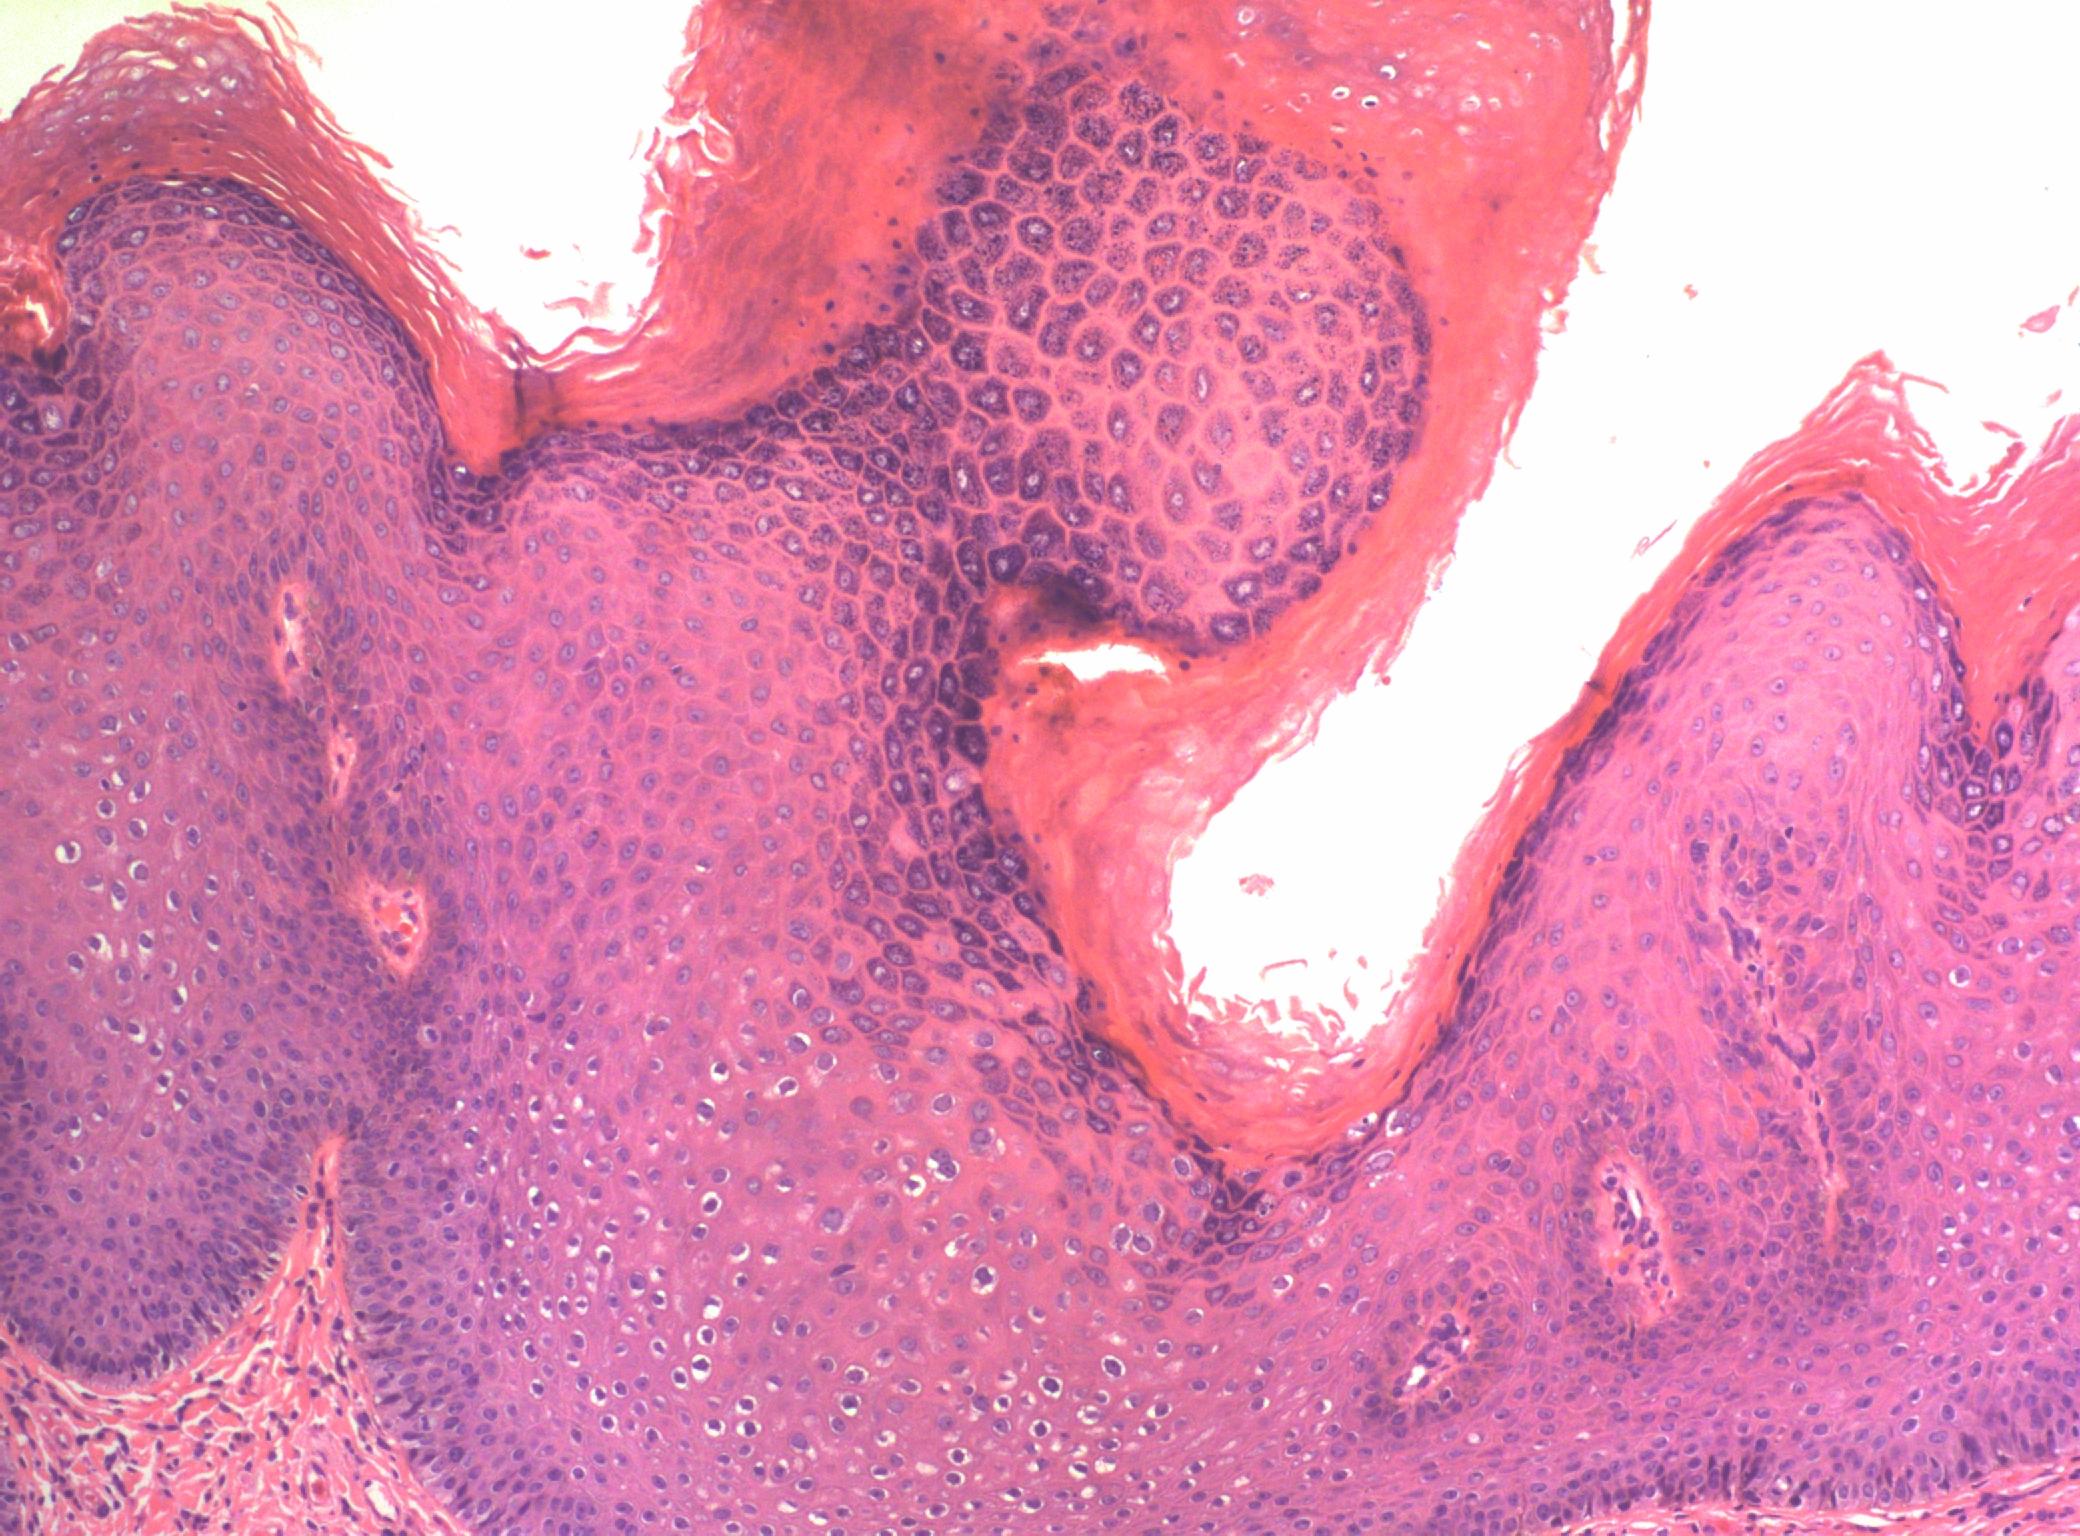 papilloma virus cane contagio inverted papilloma histopathology